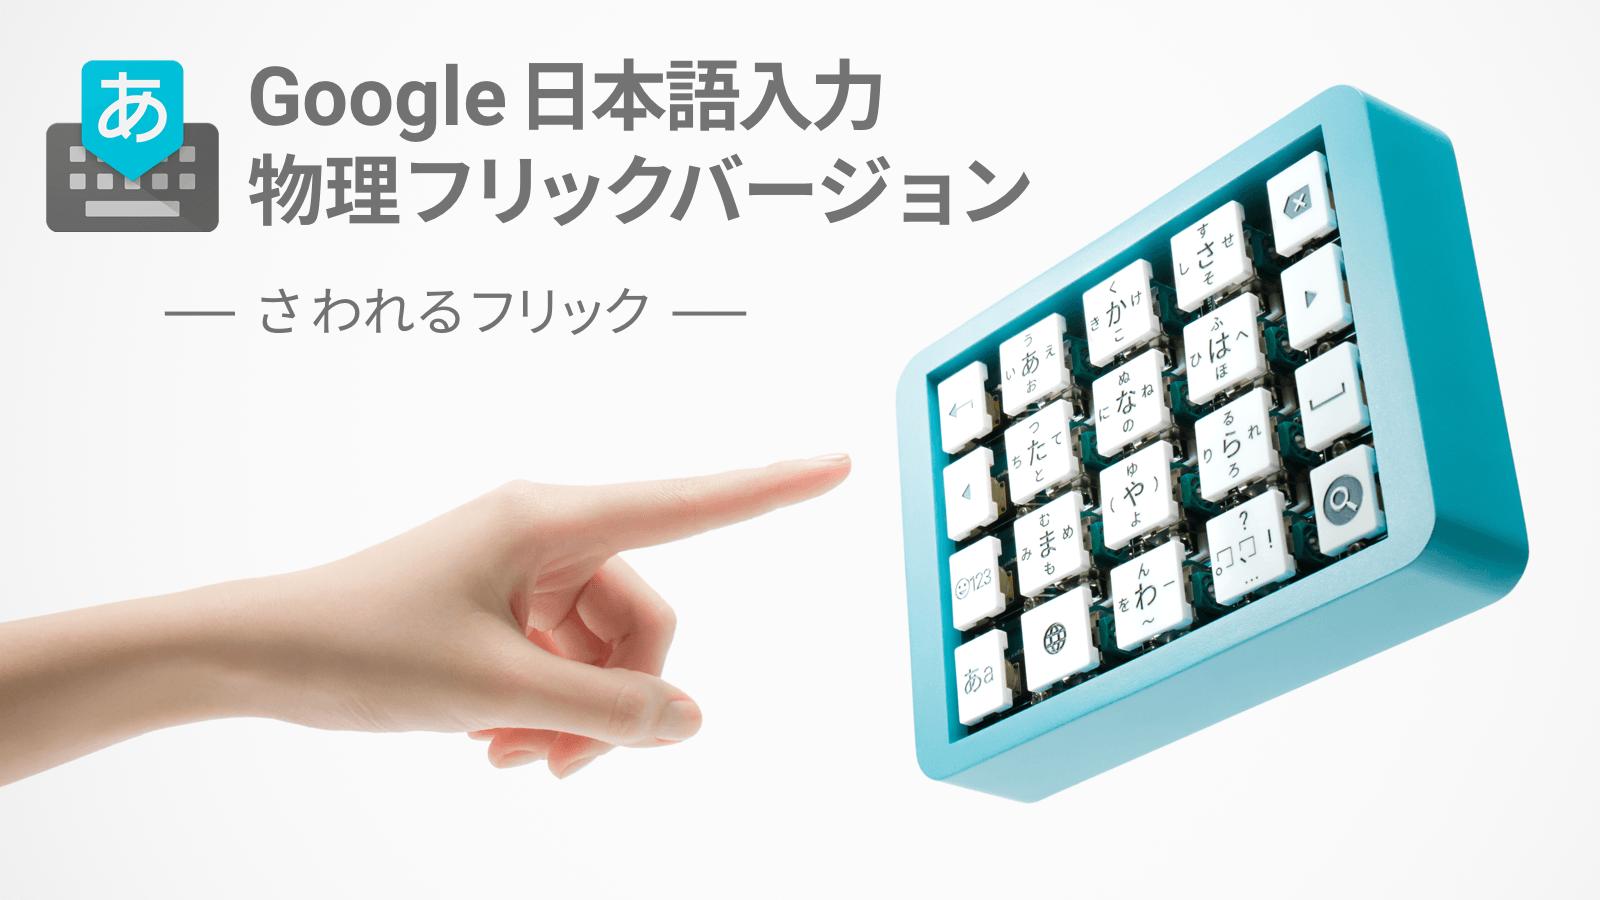 Google 日本語入力 物理フリックバージョン – Google